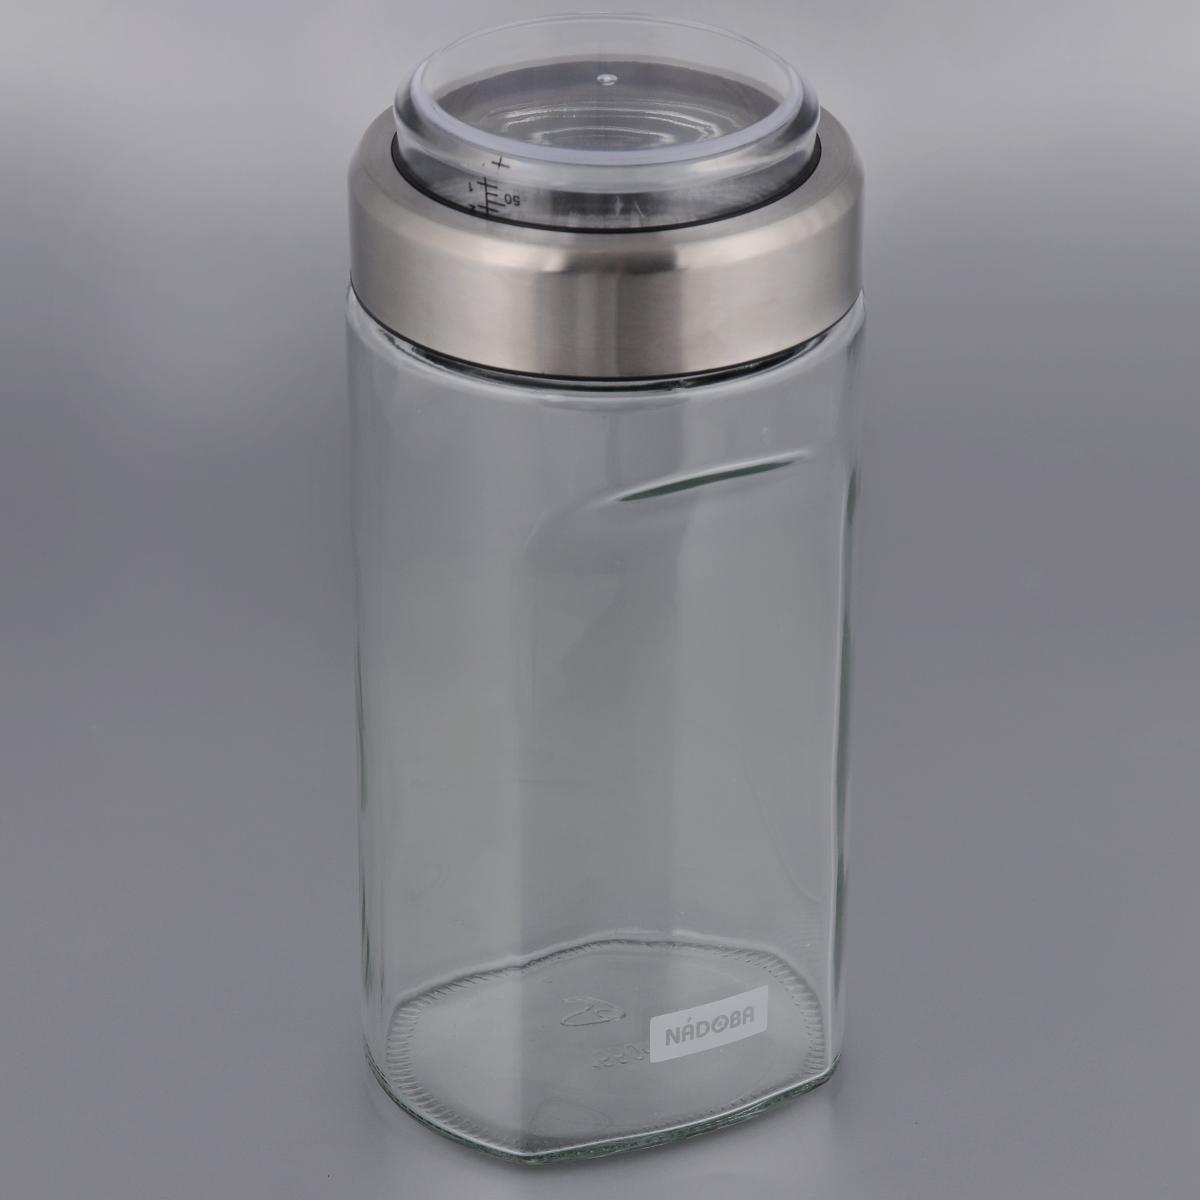 Емкость для сыпучих продуктов Nadoba Petra, с мерным стаканом, 1,55 л121012-000_белый, оранжевыйЕмкость Nadoba Petra, изготовленная из высокопрочного стекла, оснащена мерным стаканом, который встроен в крышку. Благодаря эргономичному дизайну изделие удобно брать одной рукой.Стенки емкости прозрачные - хорошо видно, что внутри. Изделие идеально подходит для хранения различных сыпучих продуктов: круп, макарон, специй, кофе, сахара, орехов, кондитерских изделий и многого другого. Диаметр емкости (по верхнему краю): 10 см. Высота (без учета крышки): 22 см.